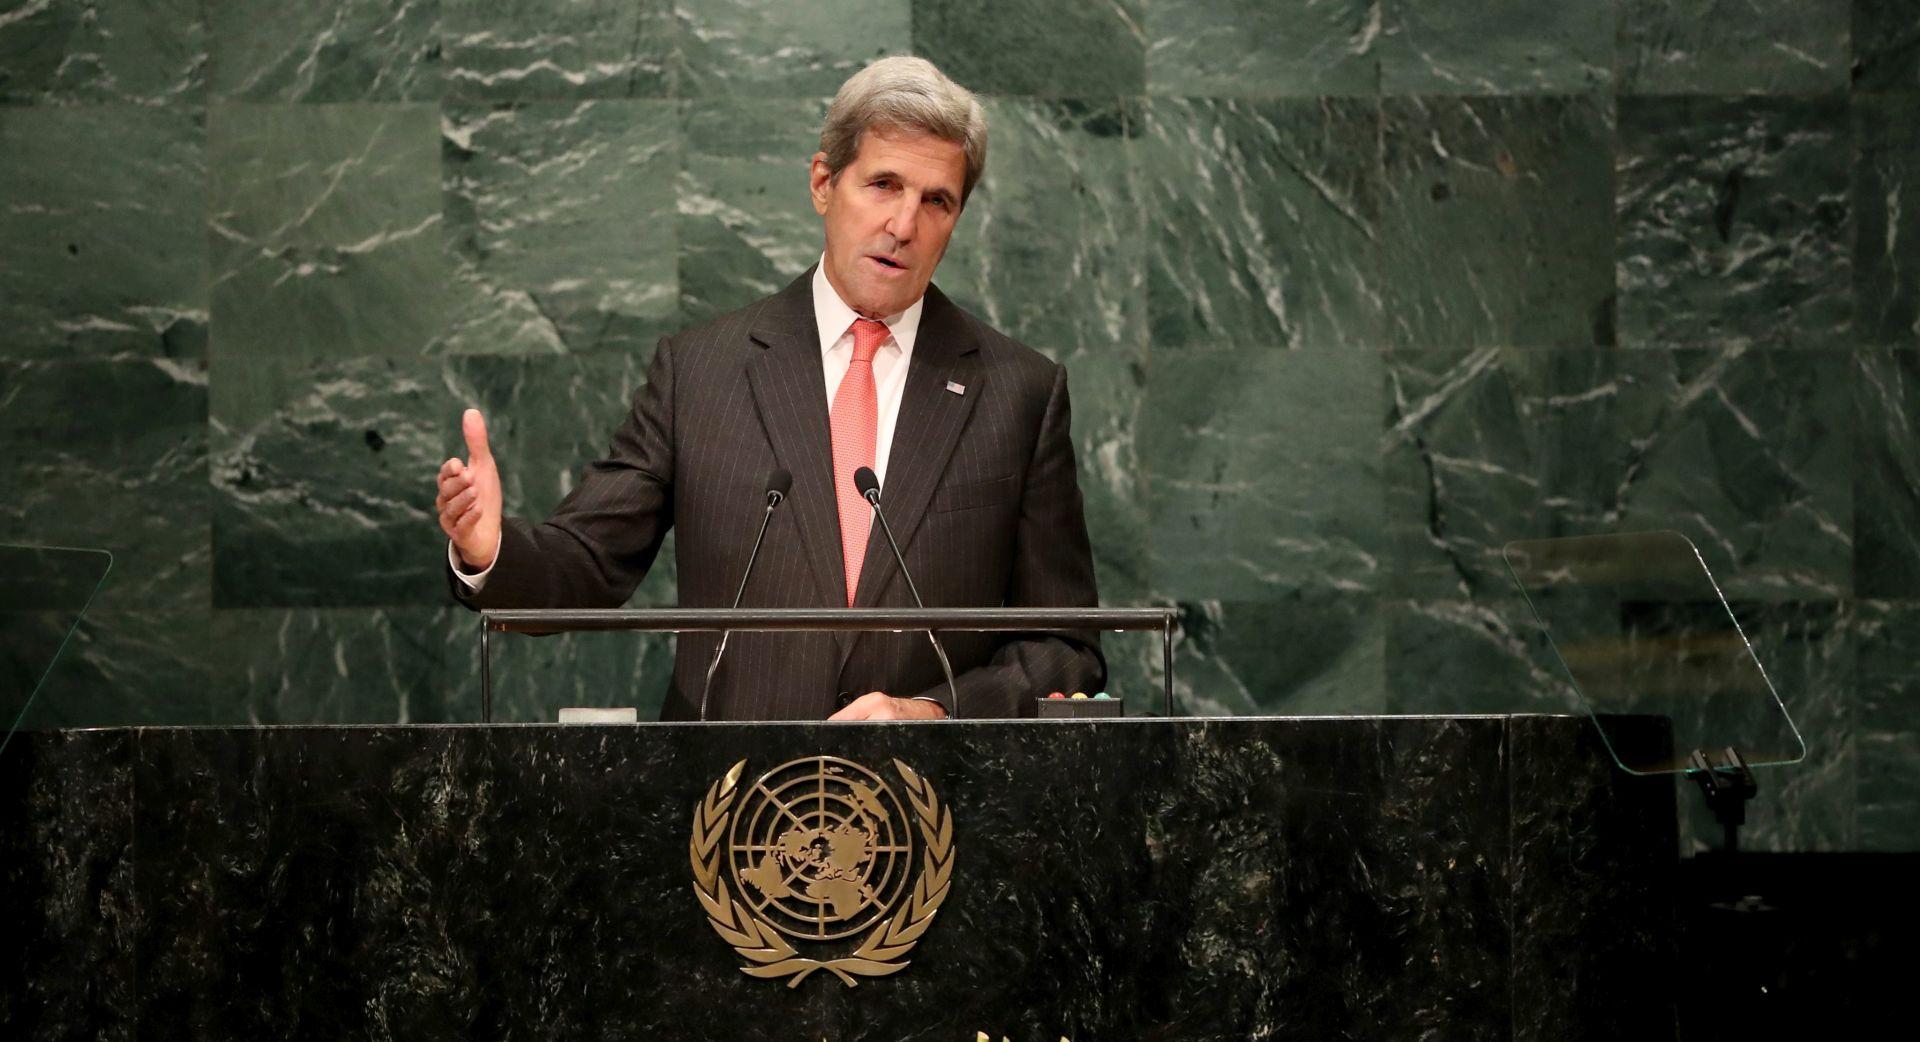 ŽELI SAČUVATI PRIMIRJE Kerry zatražio prizemljenje svih aviona u Siriji